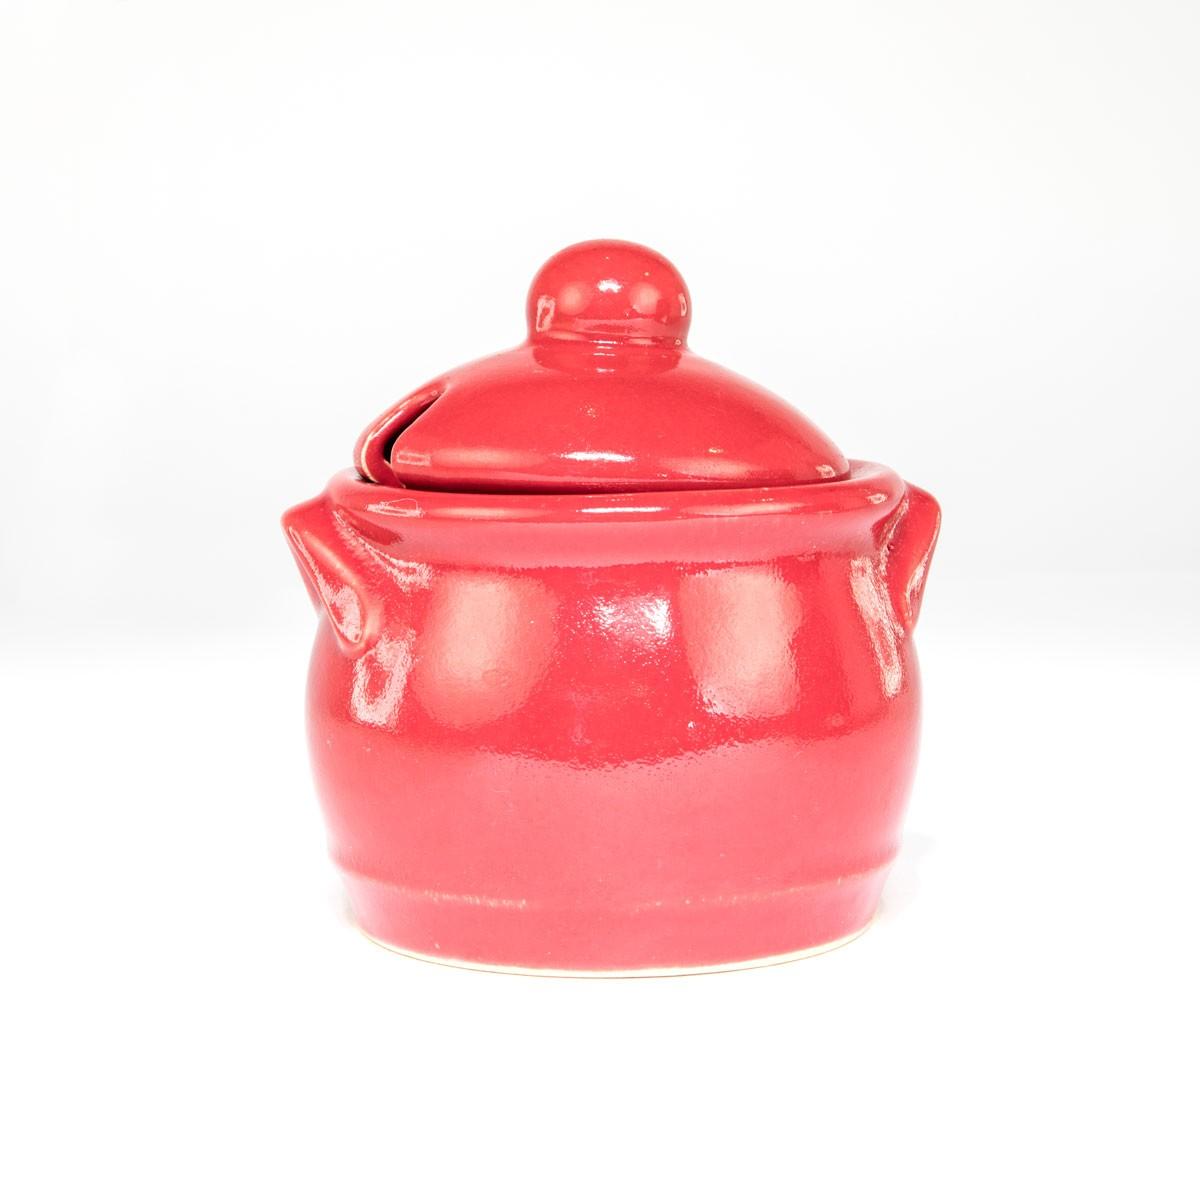 Steinguttopf für Ketchup - handgefertigt